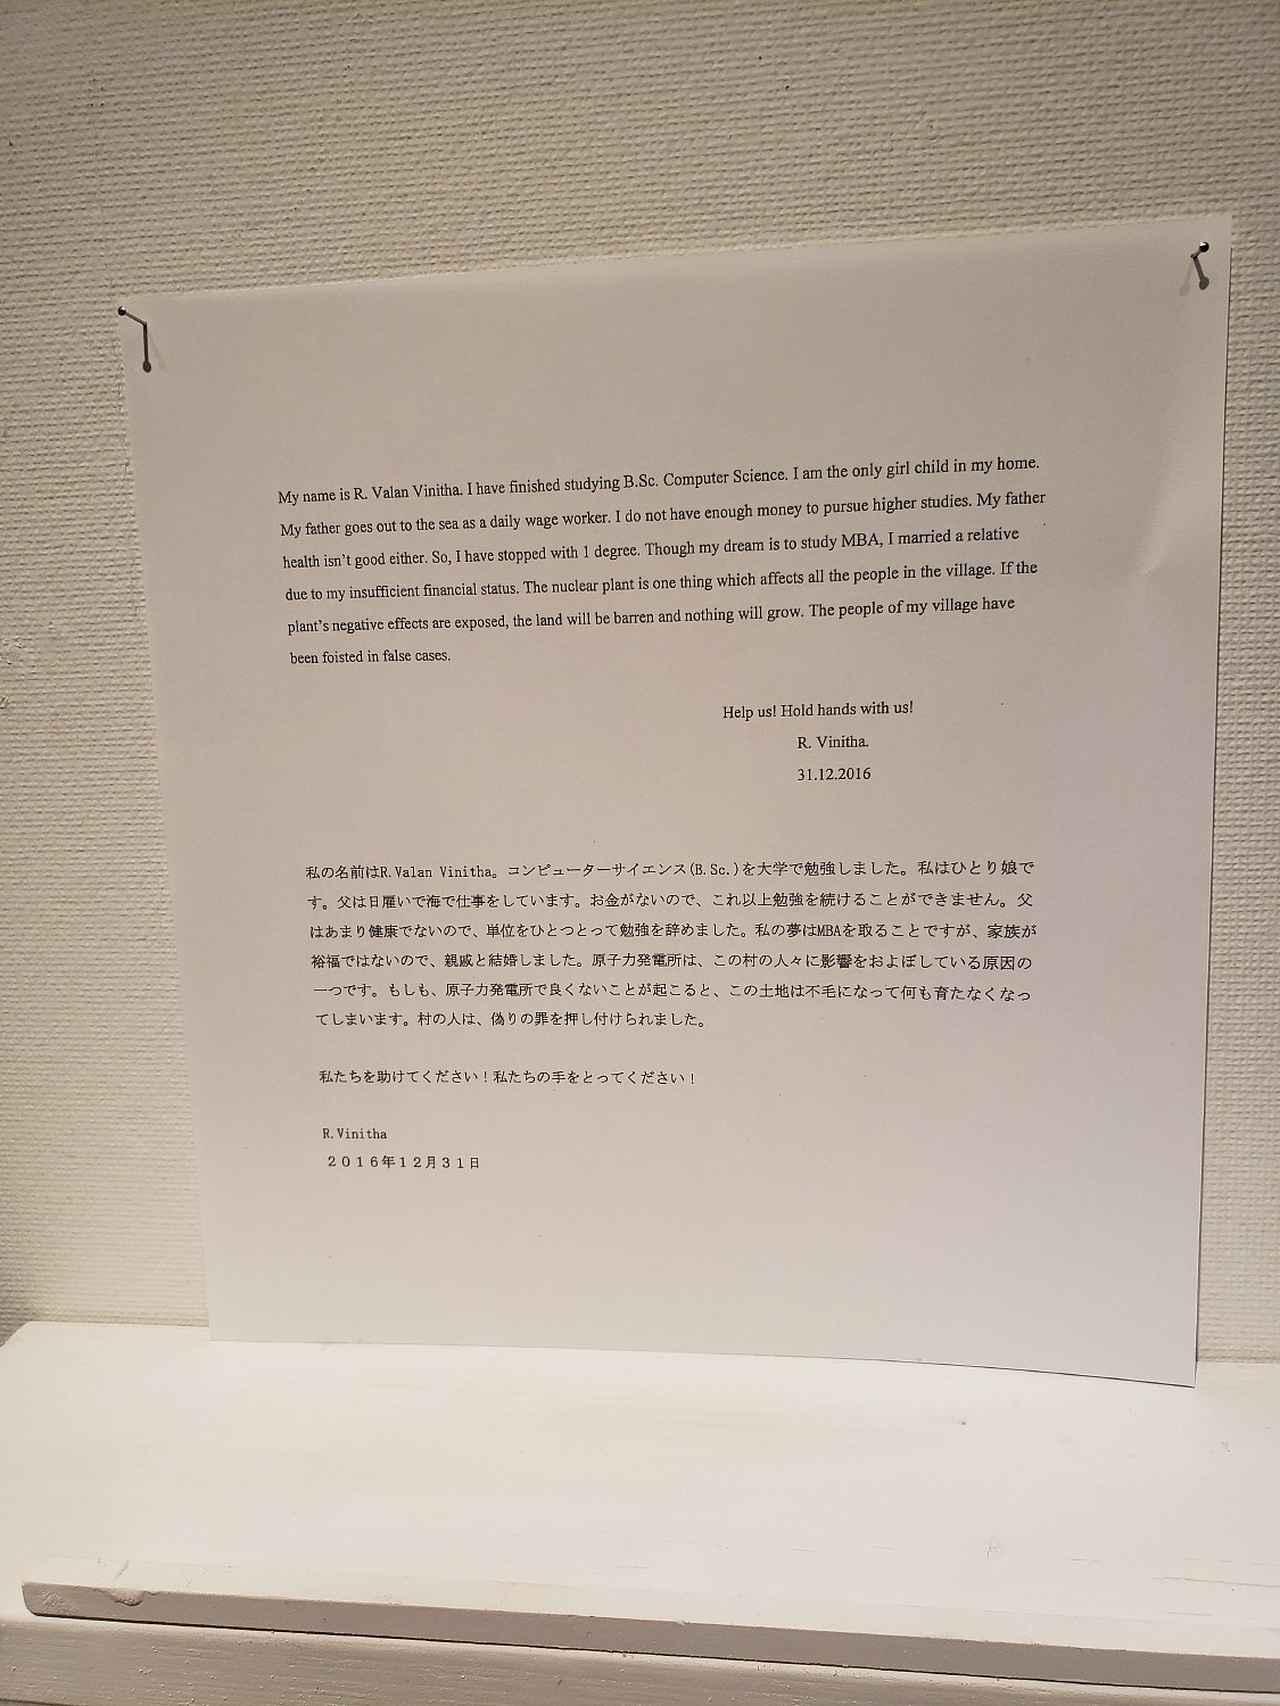 画像: 山下さんは、鑑賞者が写真を見て終わるだけでなく、面倒かもしれないけれど、手袋をはめアクリル板を動かす行為や訳語を読むことで、鑑賞者にとって「知る」ことがあるのではないかと考え、今回の展示に至ったそうです。